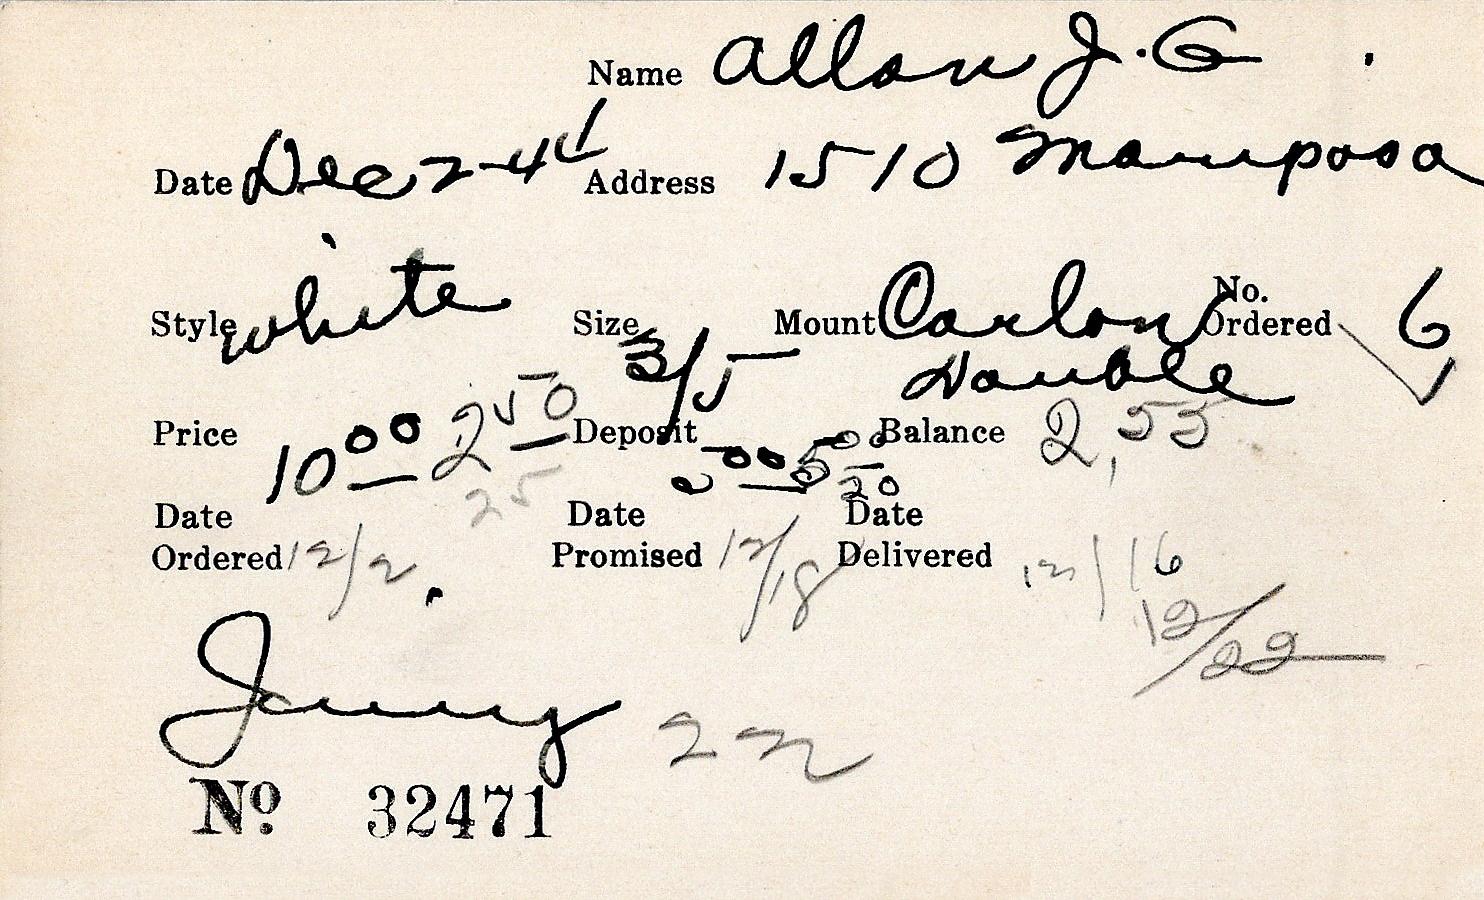 Index card for J. G. Allan